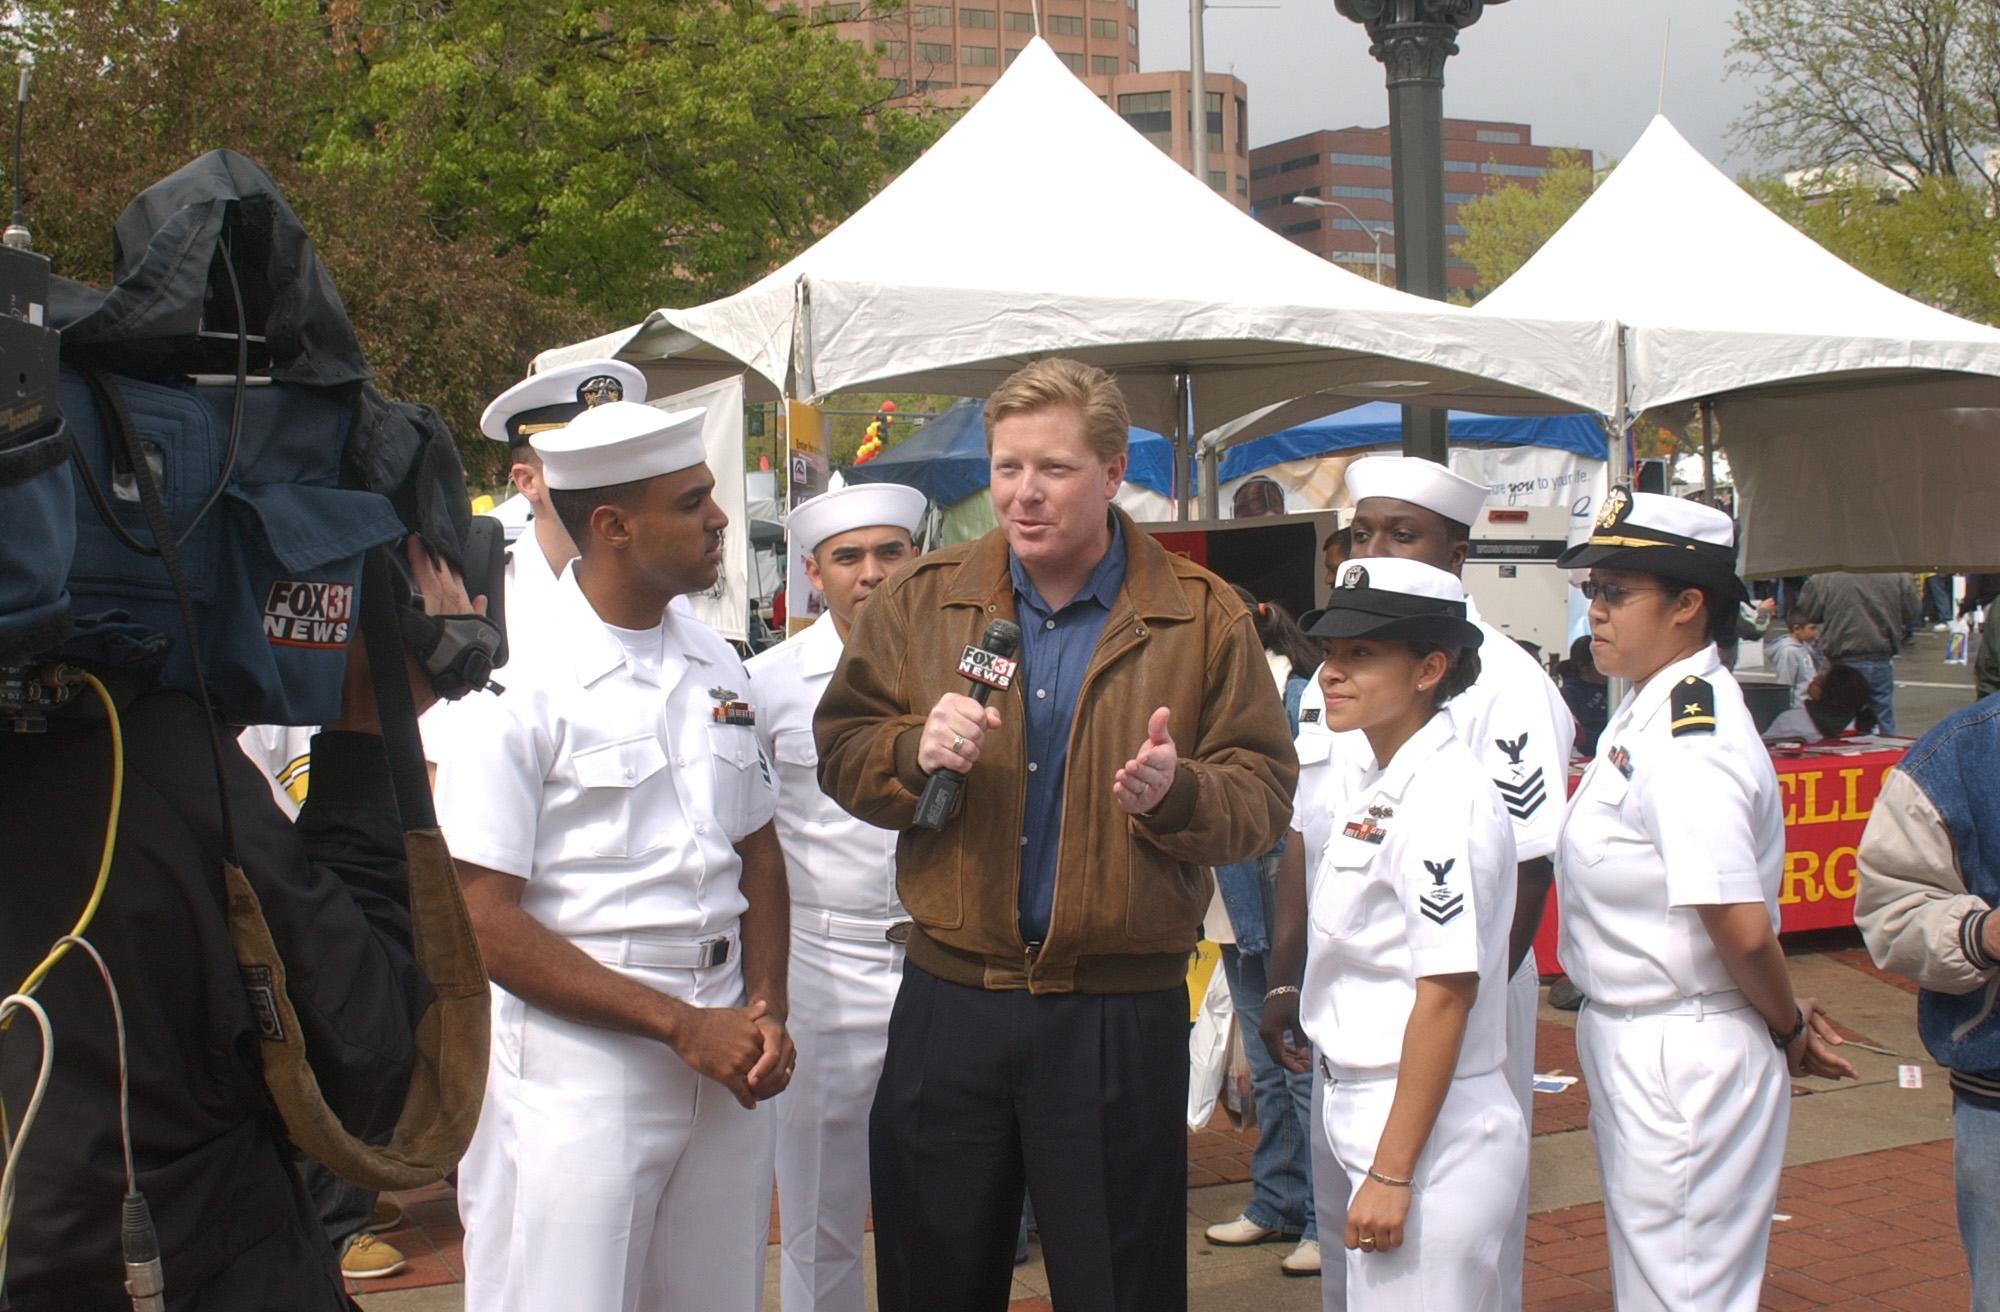 File:US Navy 070506-N-9599T-001 Chief Meteorologist Chris